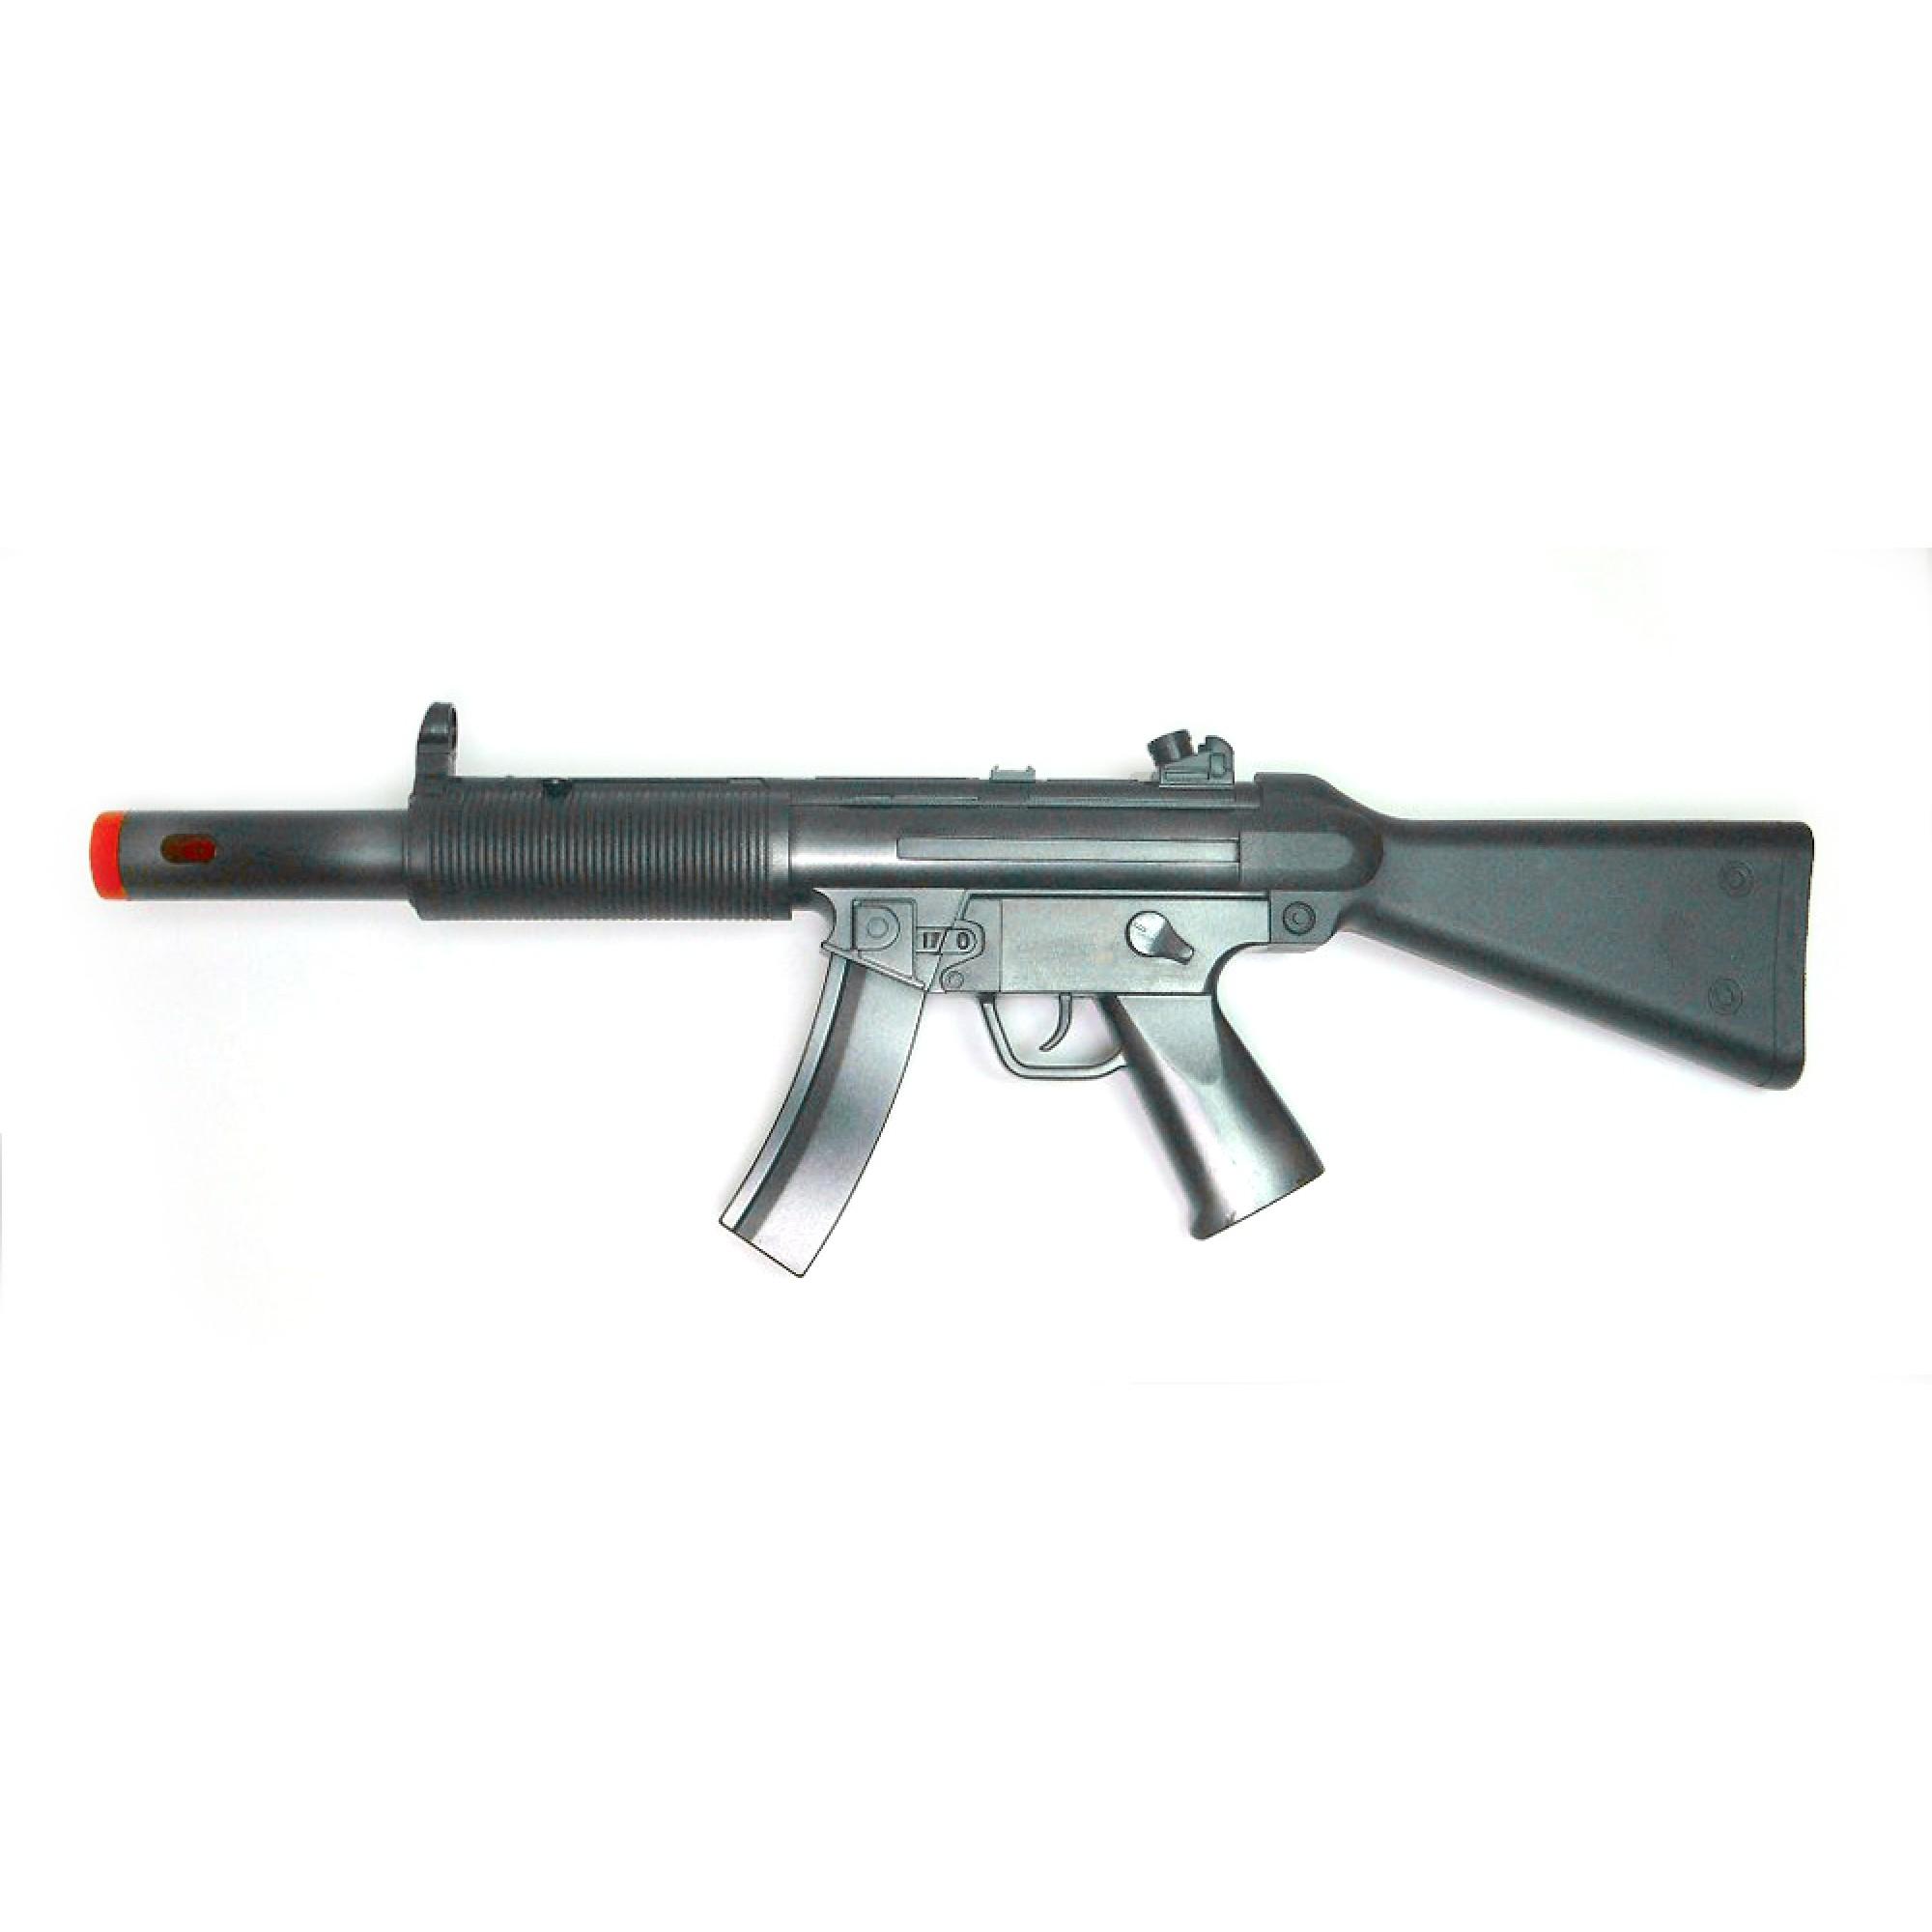 MP5 SD5 W/Light, Sound, Vibration